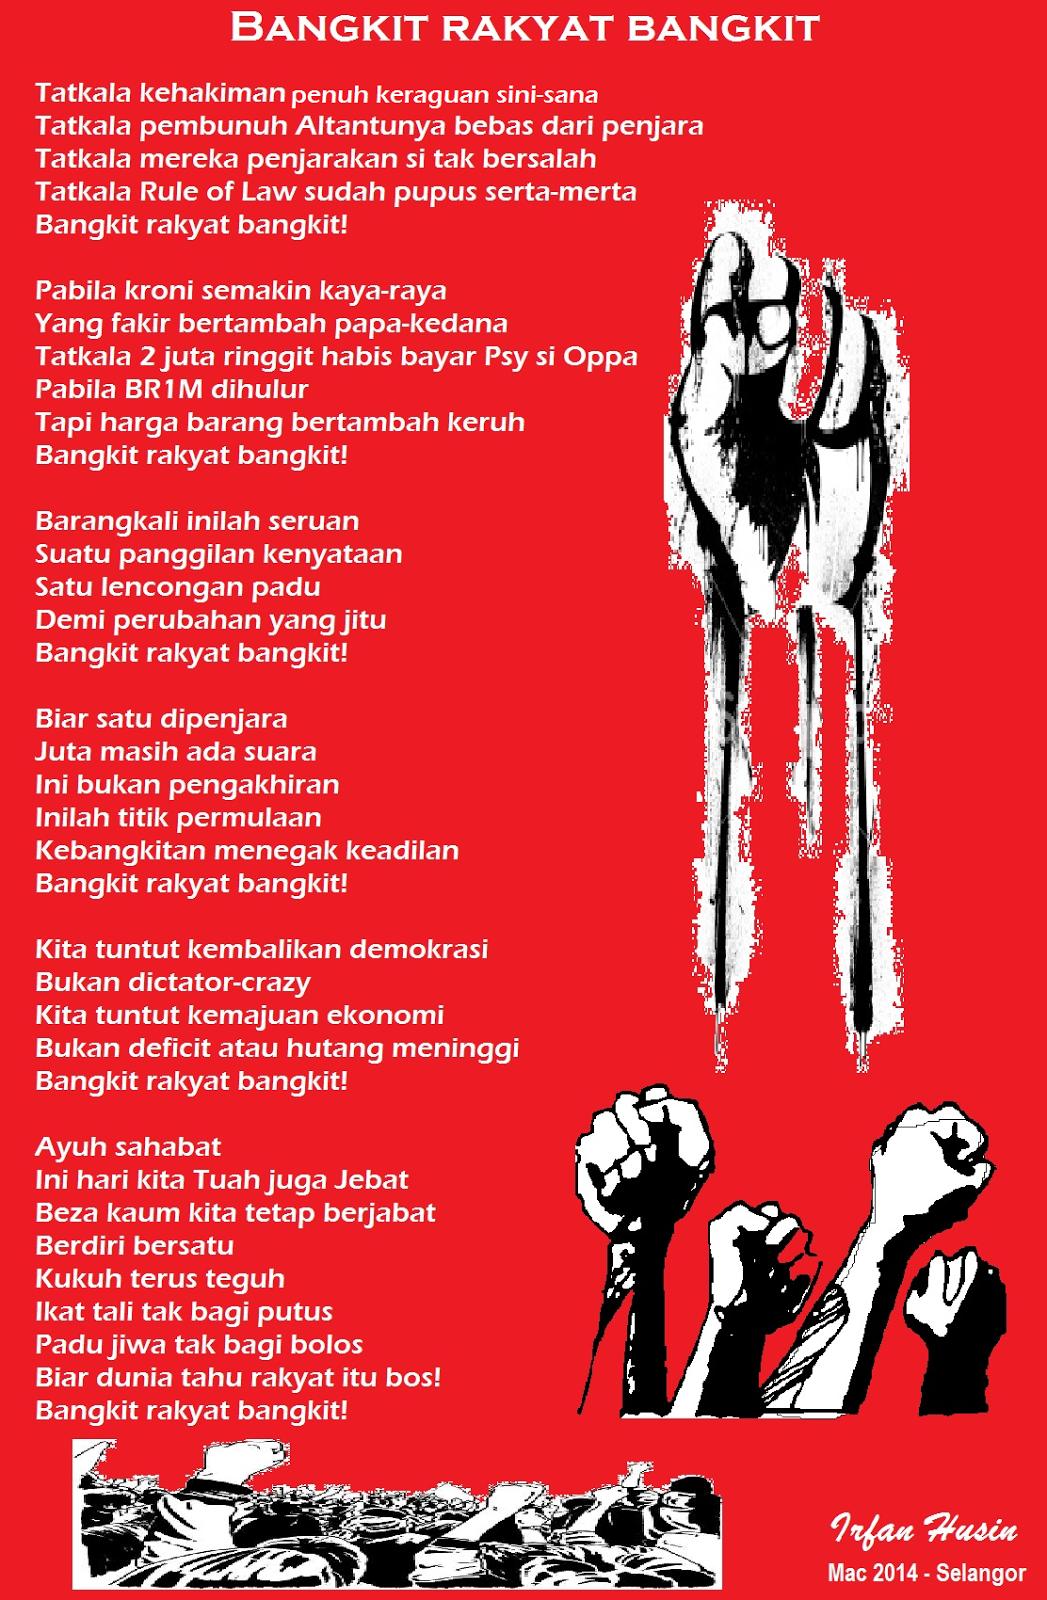 Bangkit Rakyat Bangkit